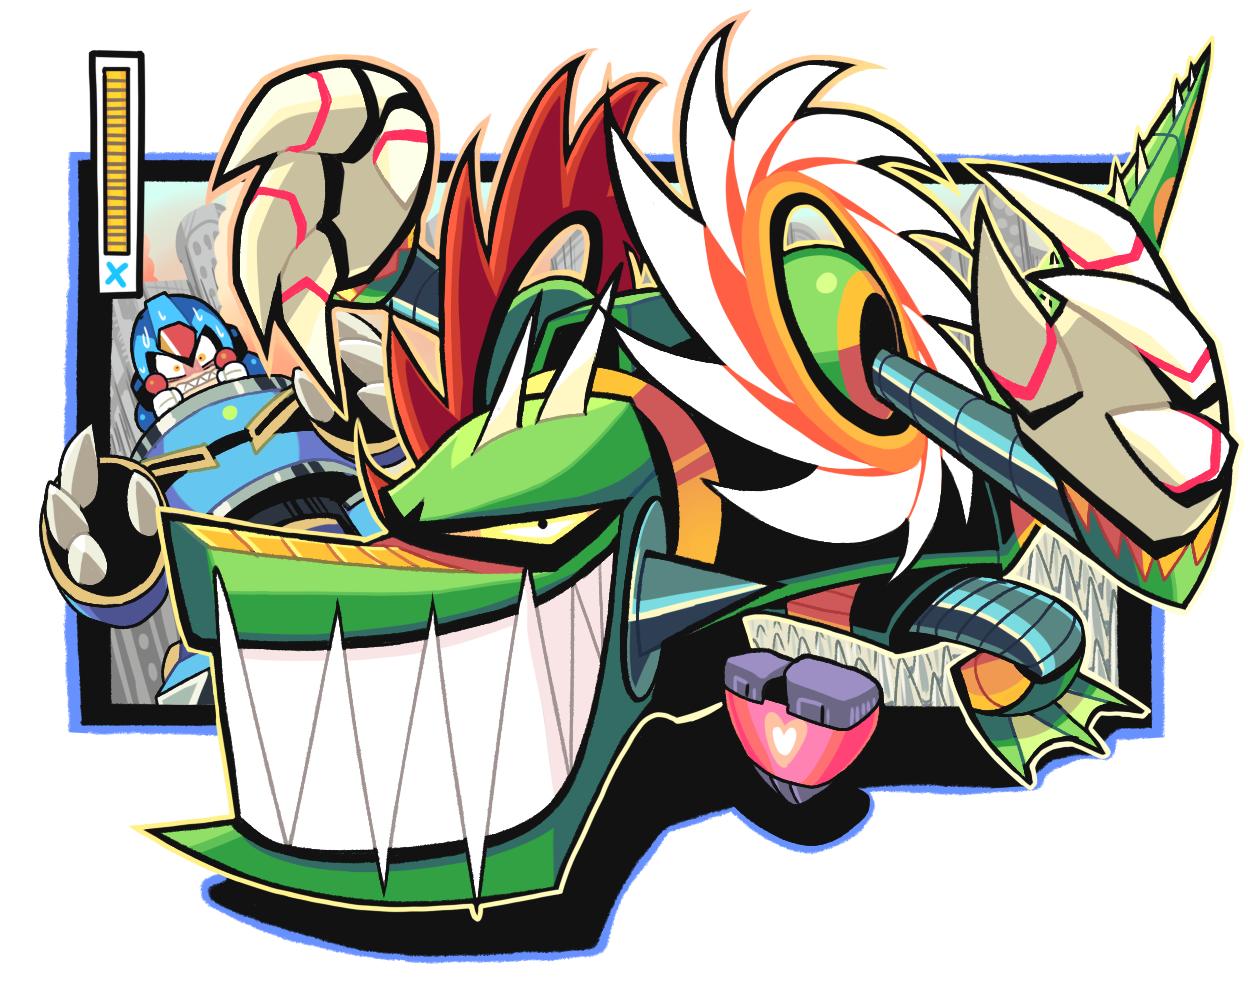 Wheel gator Doodle by Gashi-gashi